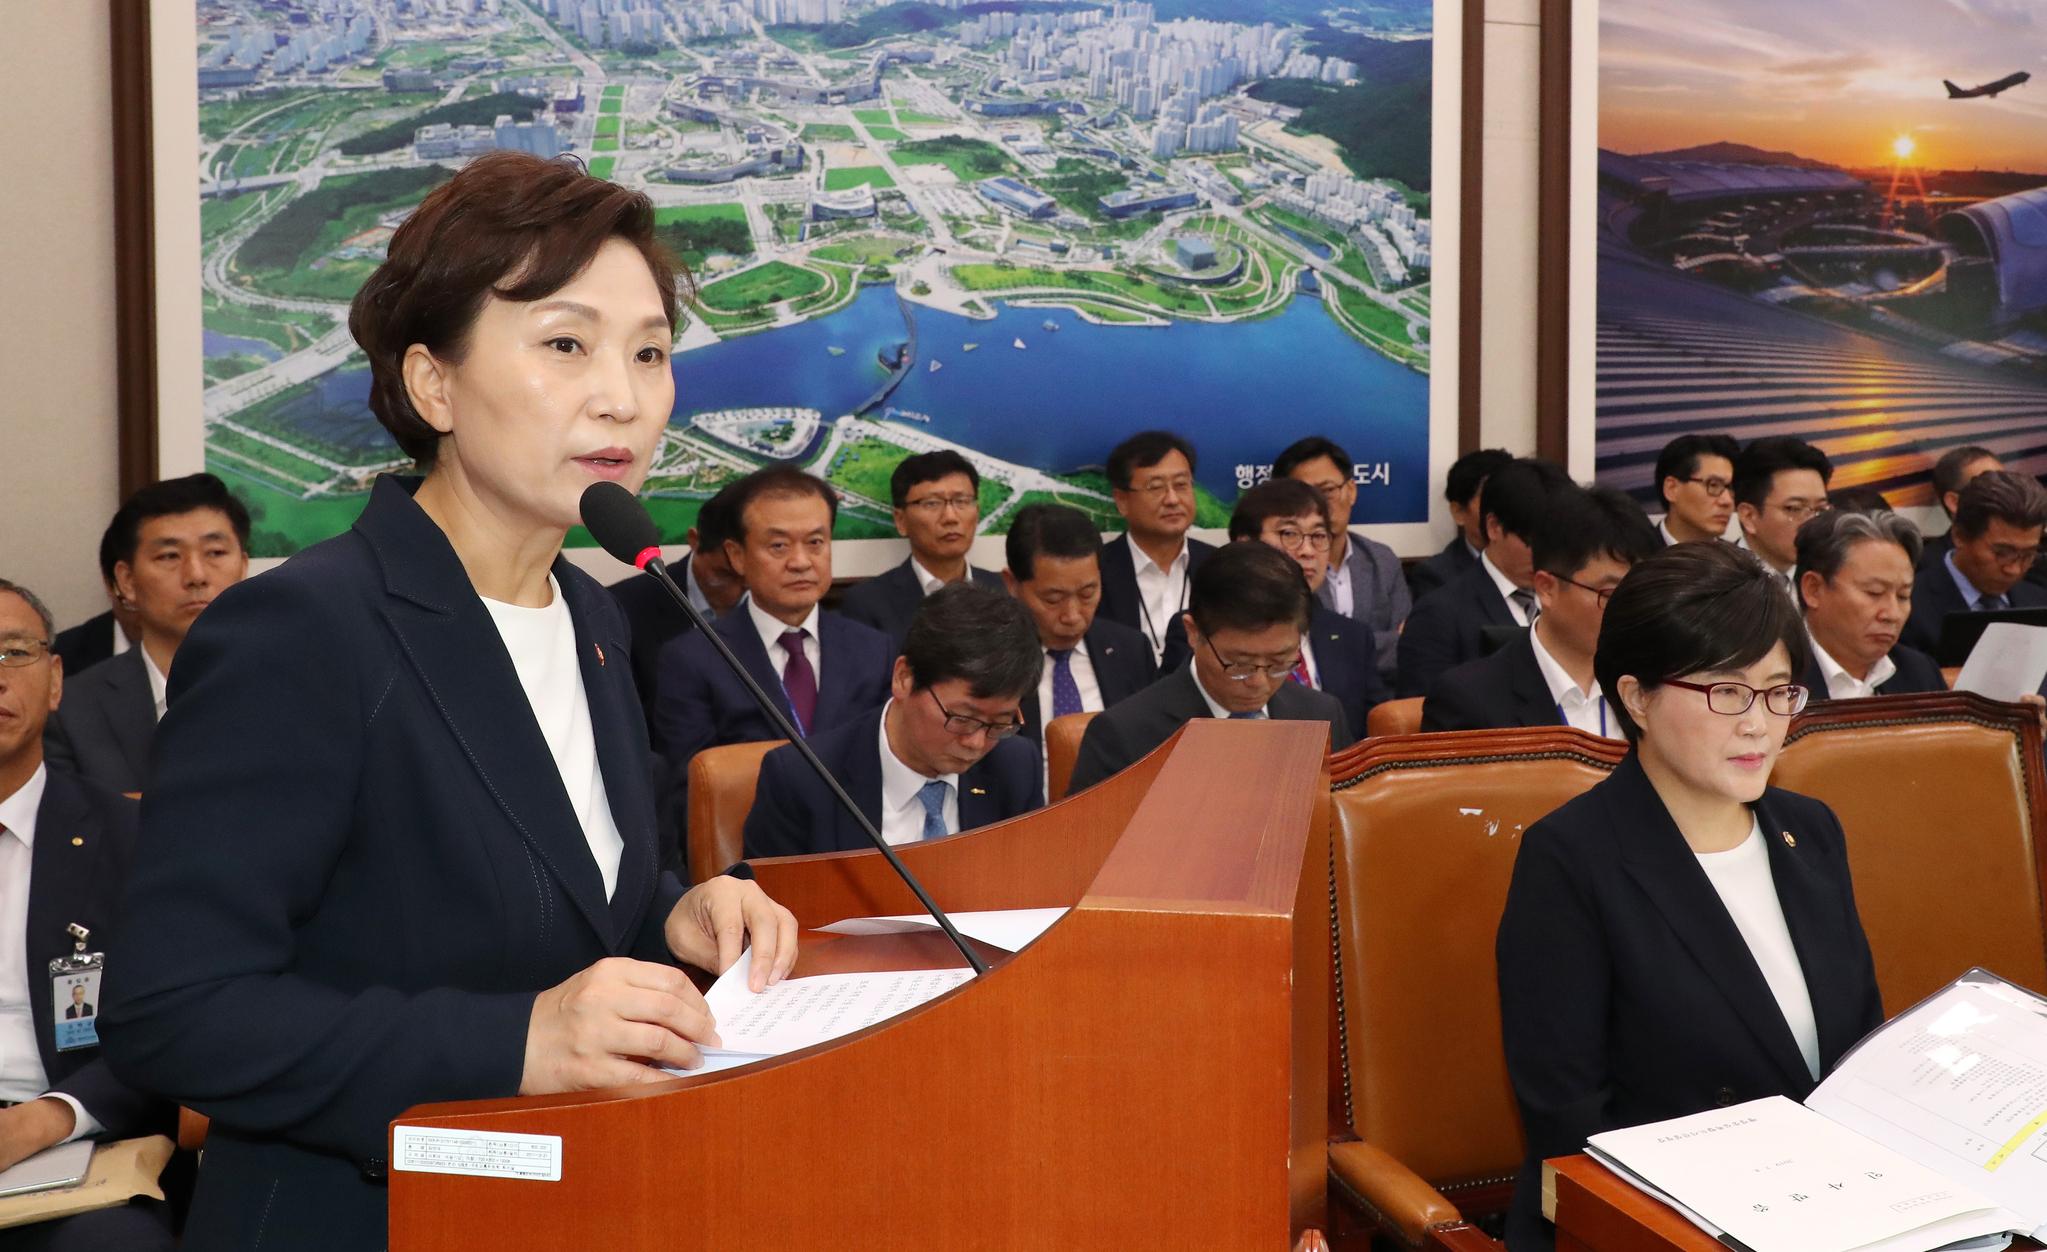 김현미 분양가 상한제 도입 검토해야…이번달 개정안 발의될 듯